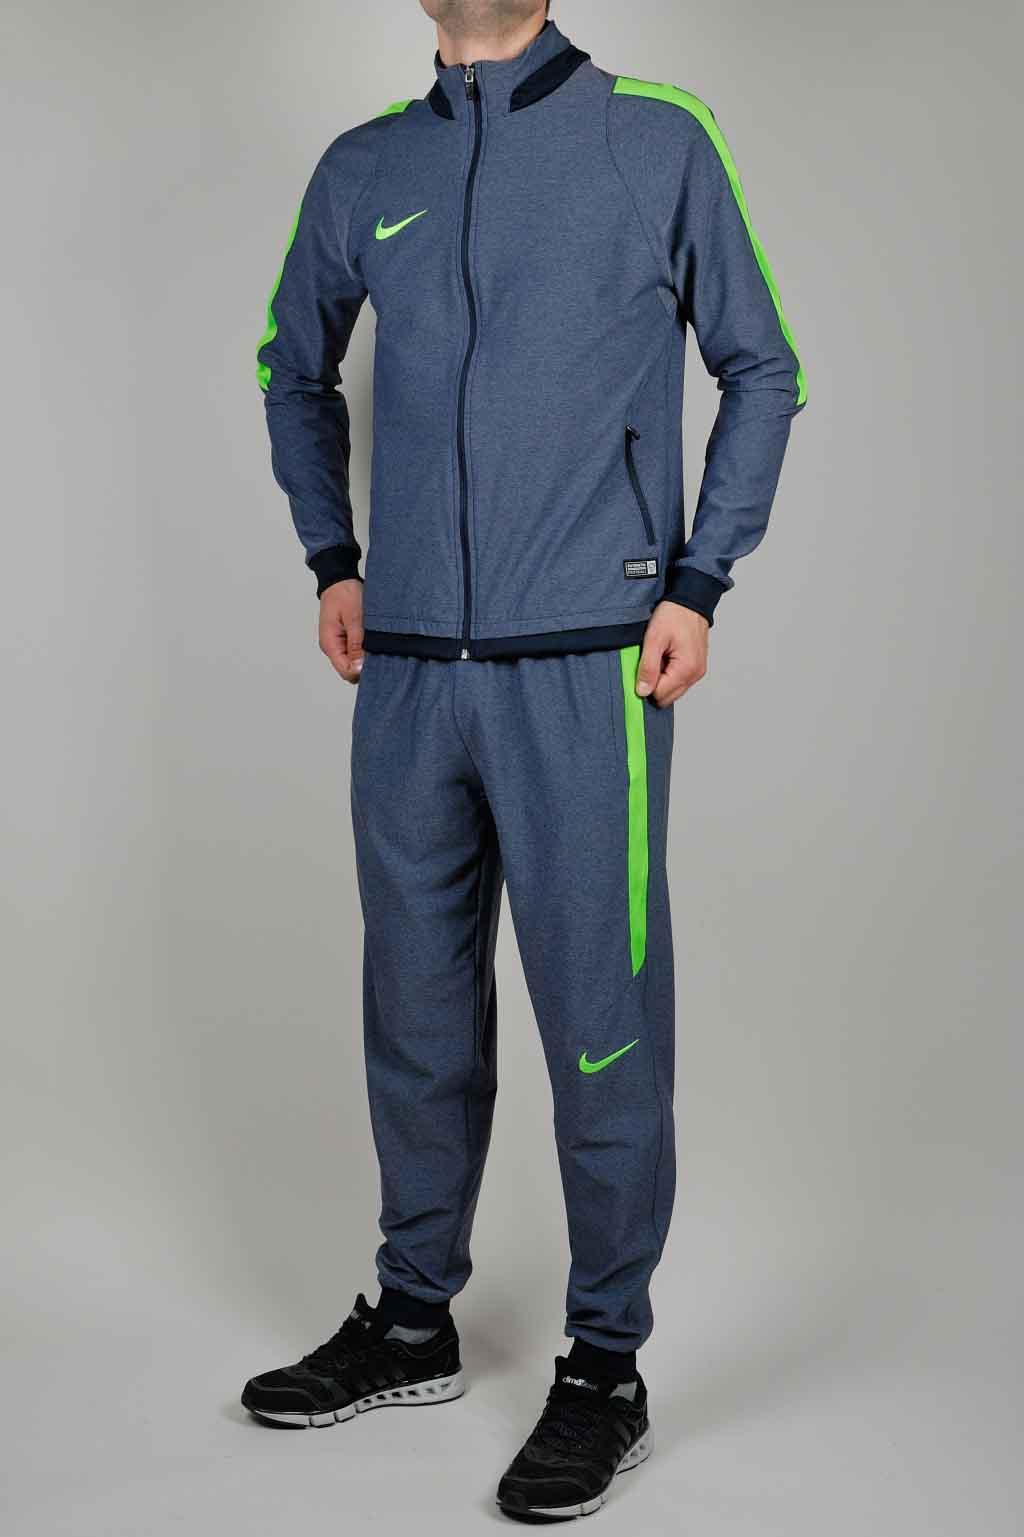 9f9f959b Купить сейчас - Летний спортивный костюм Nike: 1 313 грн ...